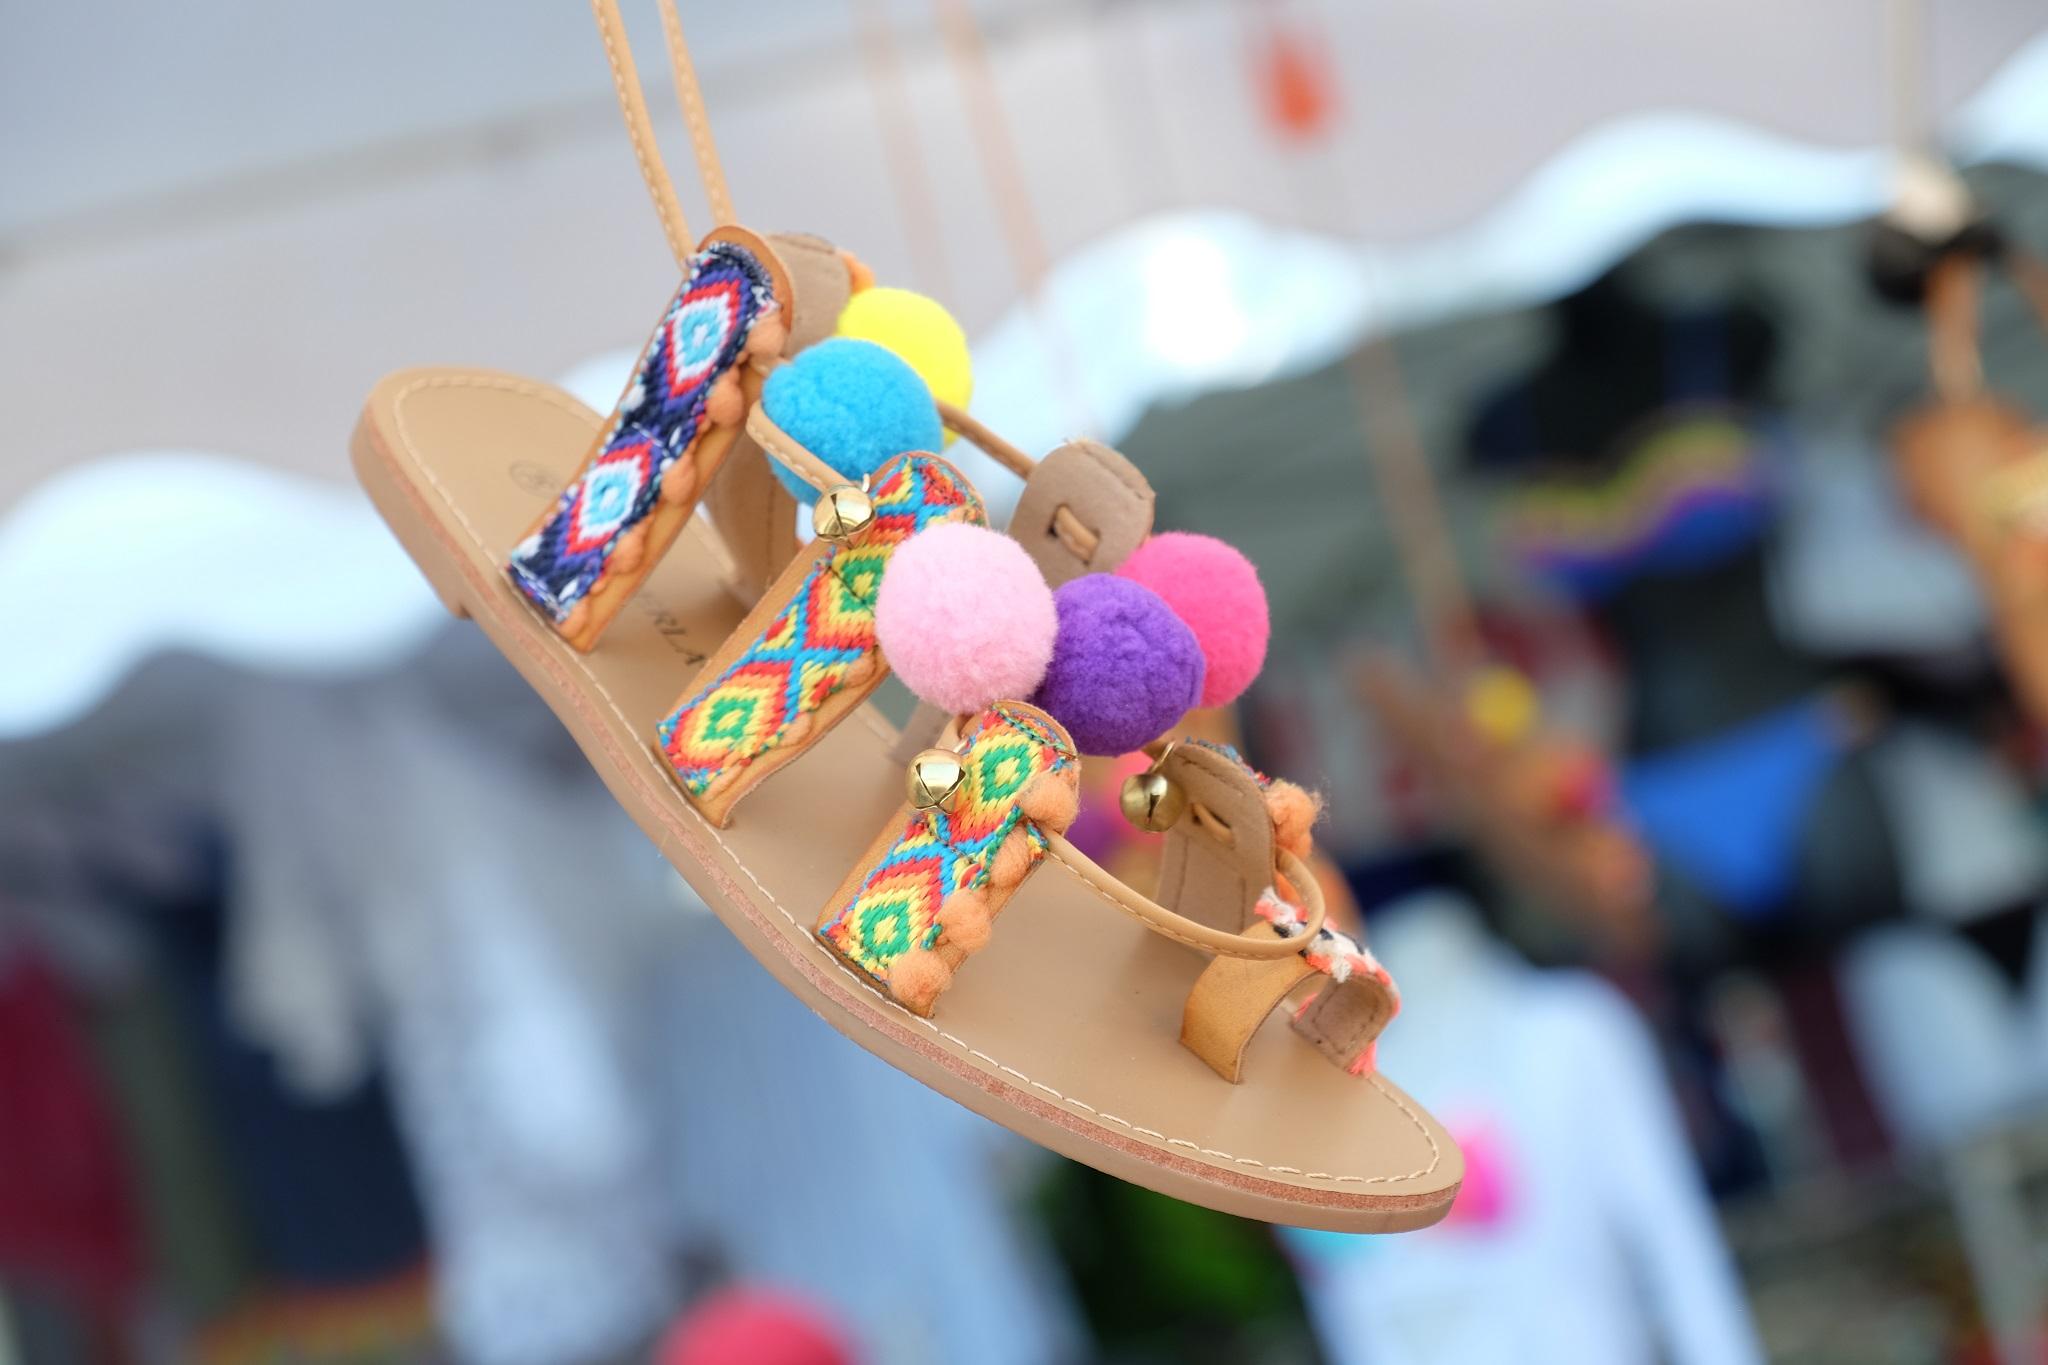 bunte Sandalen, colourful sandals, un pied au pérou, spartiates, Sandalen bunt, Sandalen Bömmel, Fashionblog, Fashion Blog, Modeblog, Lieblingsstil